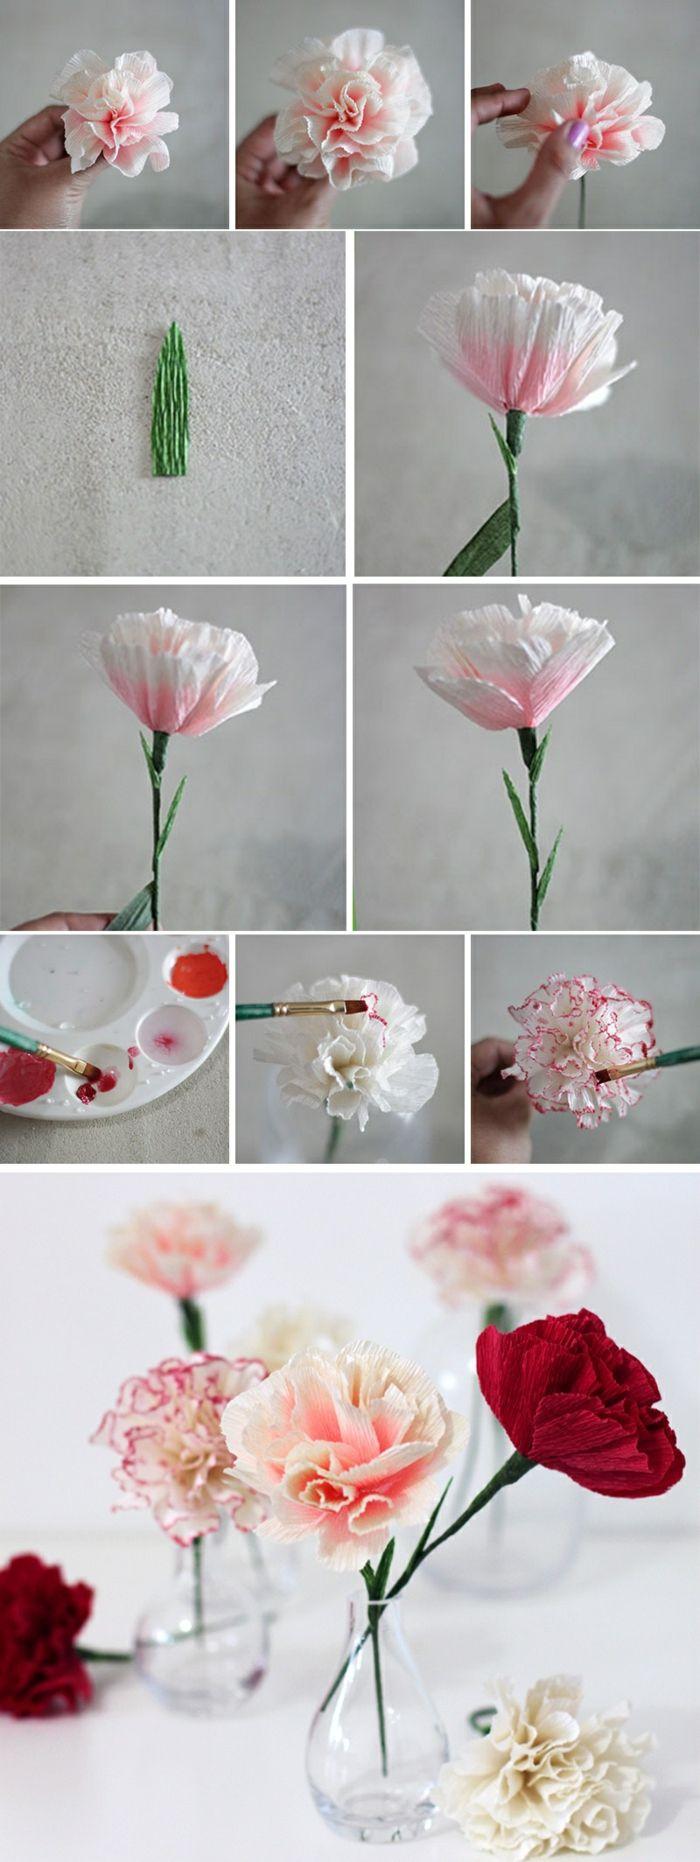 1001 ideen wie sie papierblumen basteln k nnen basteln pinterest blumen papier und basteln. Black Bedroom Furniture Sets. Home Design Ideas